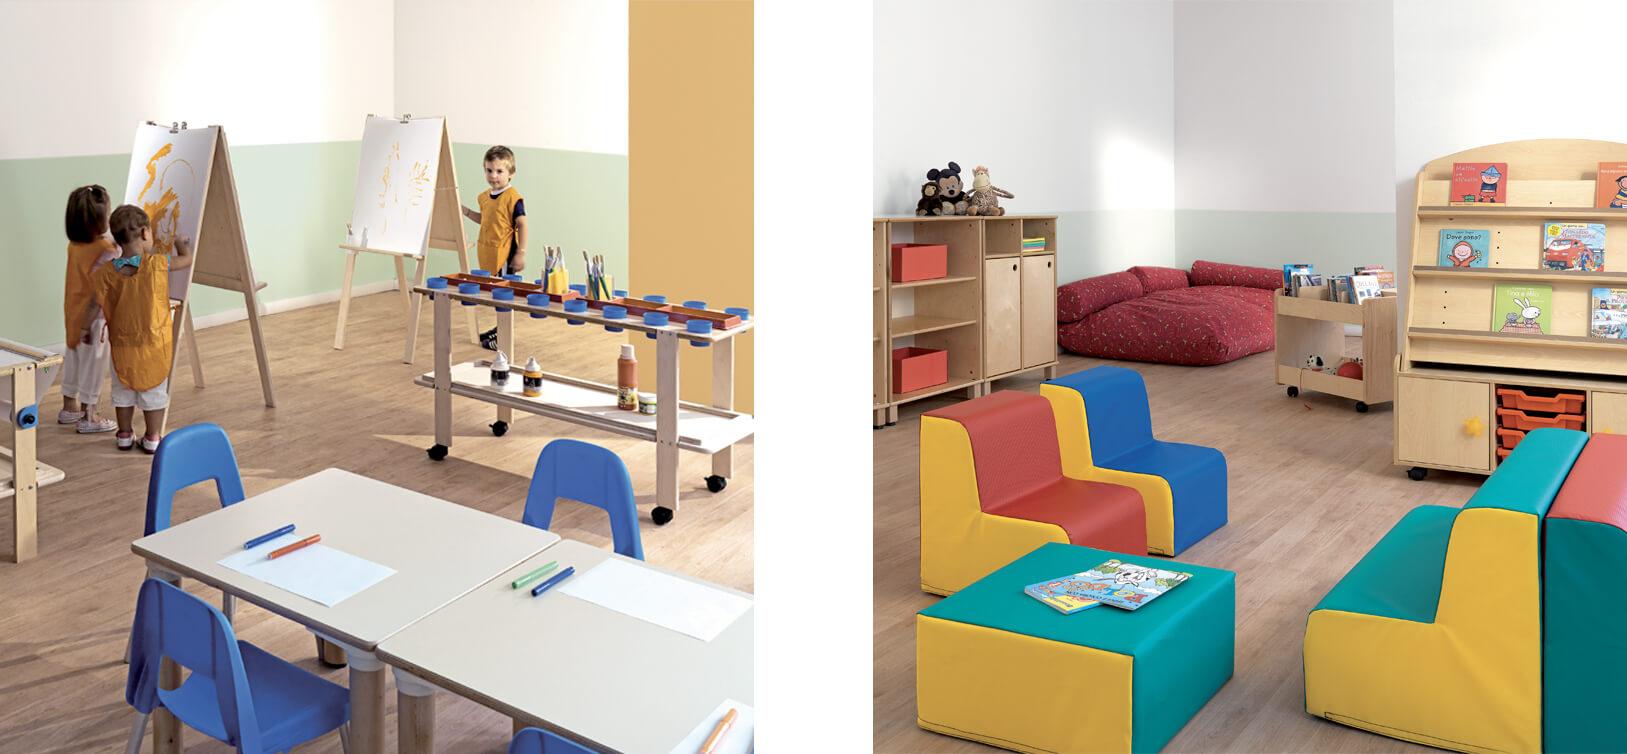 Milano innovazione scuole